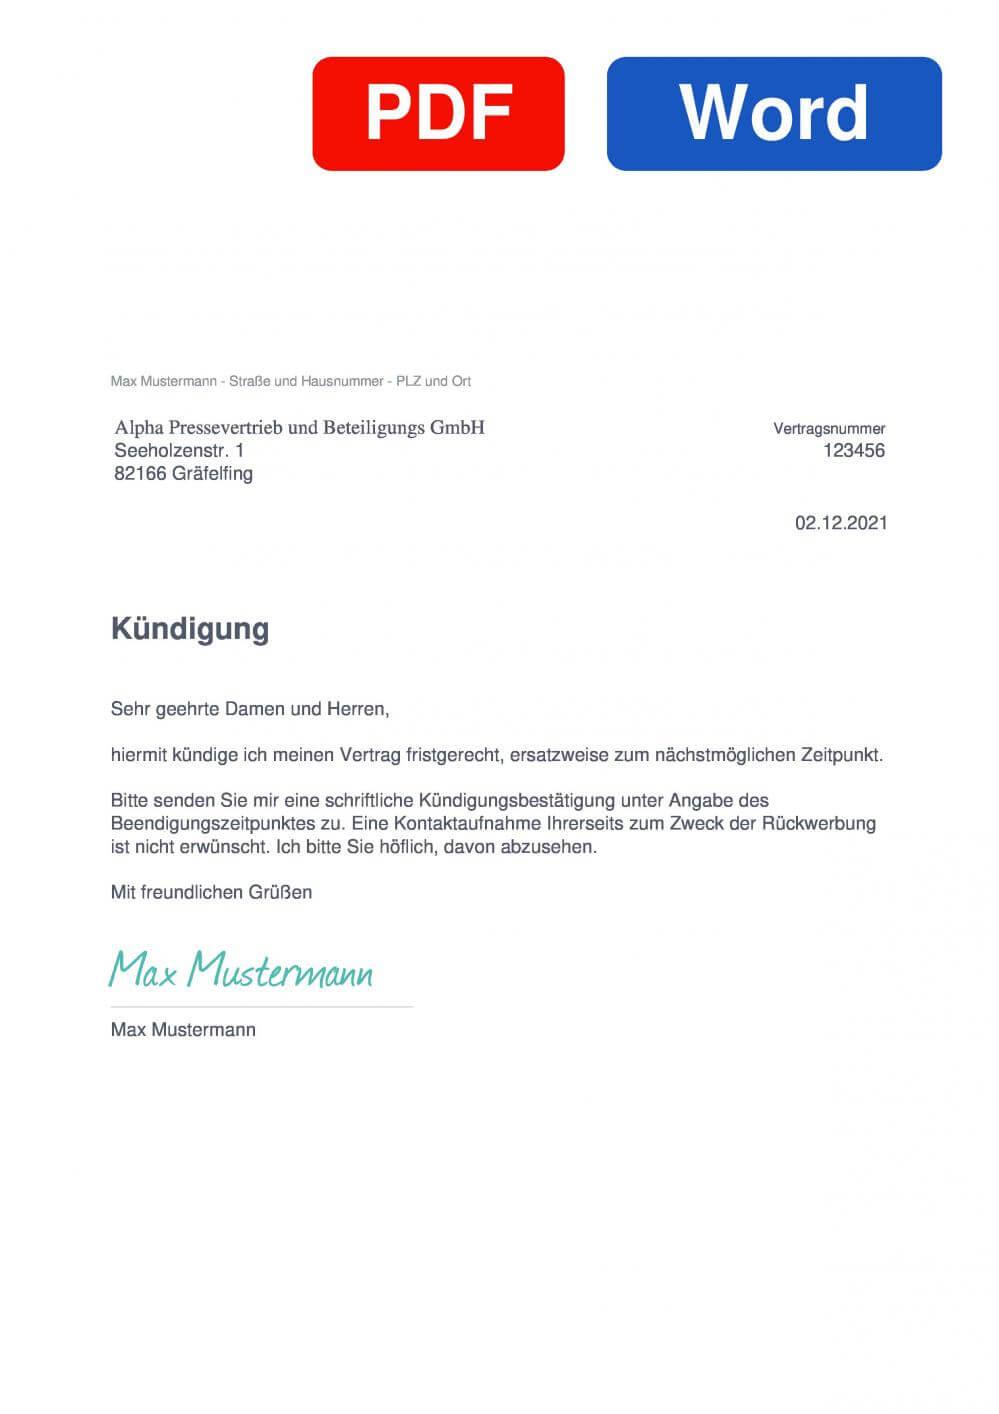 Alpha Pressevertrieb und Beteiligungs GmbH Muster Vorlage für Kündigungsschreiben